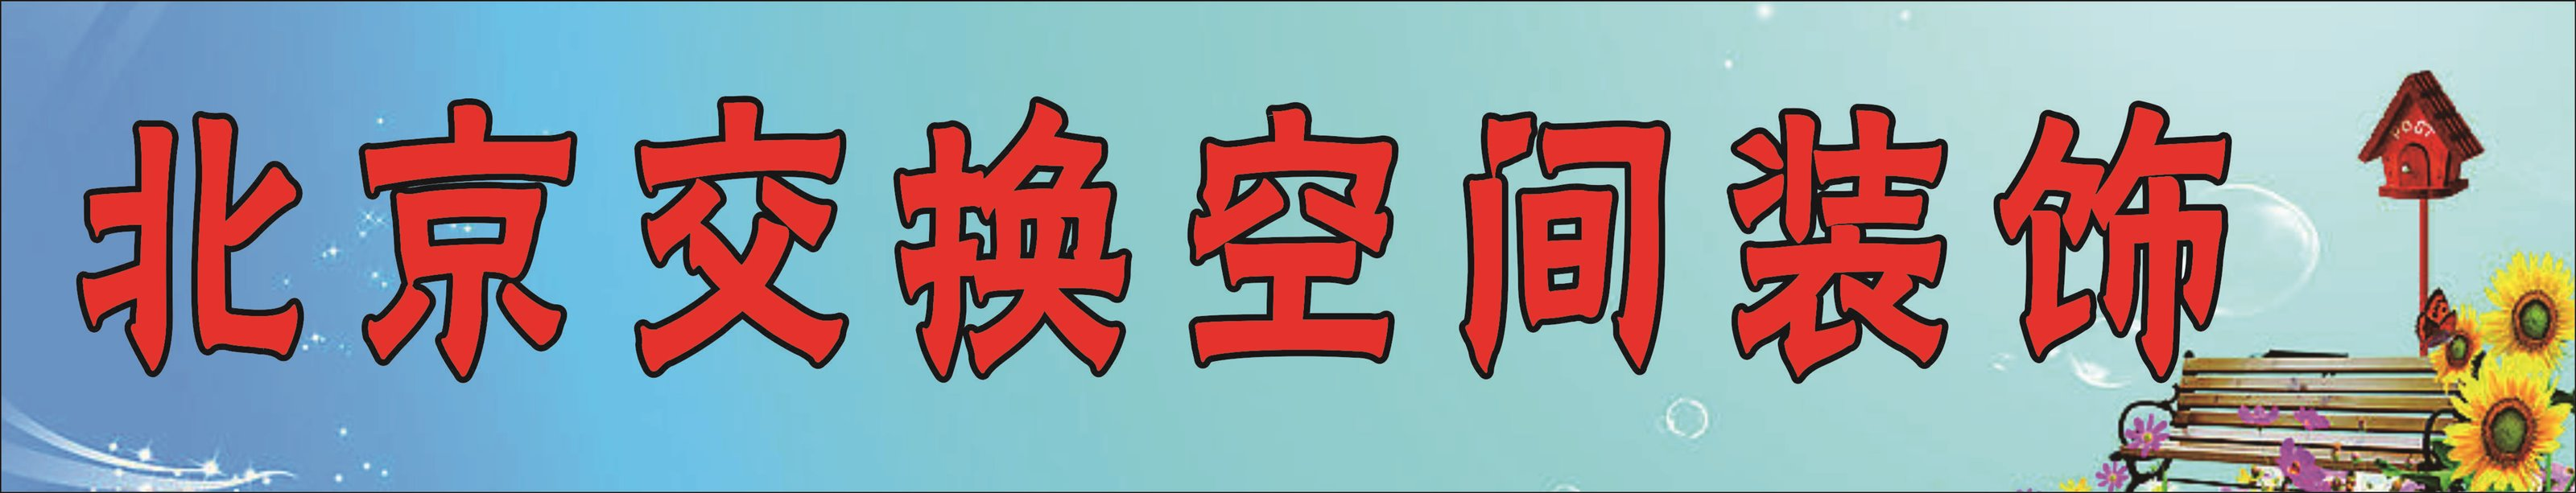 北京交换空间装饰